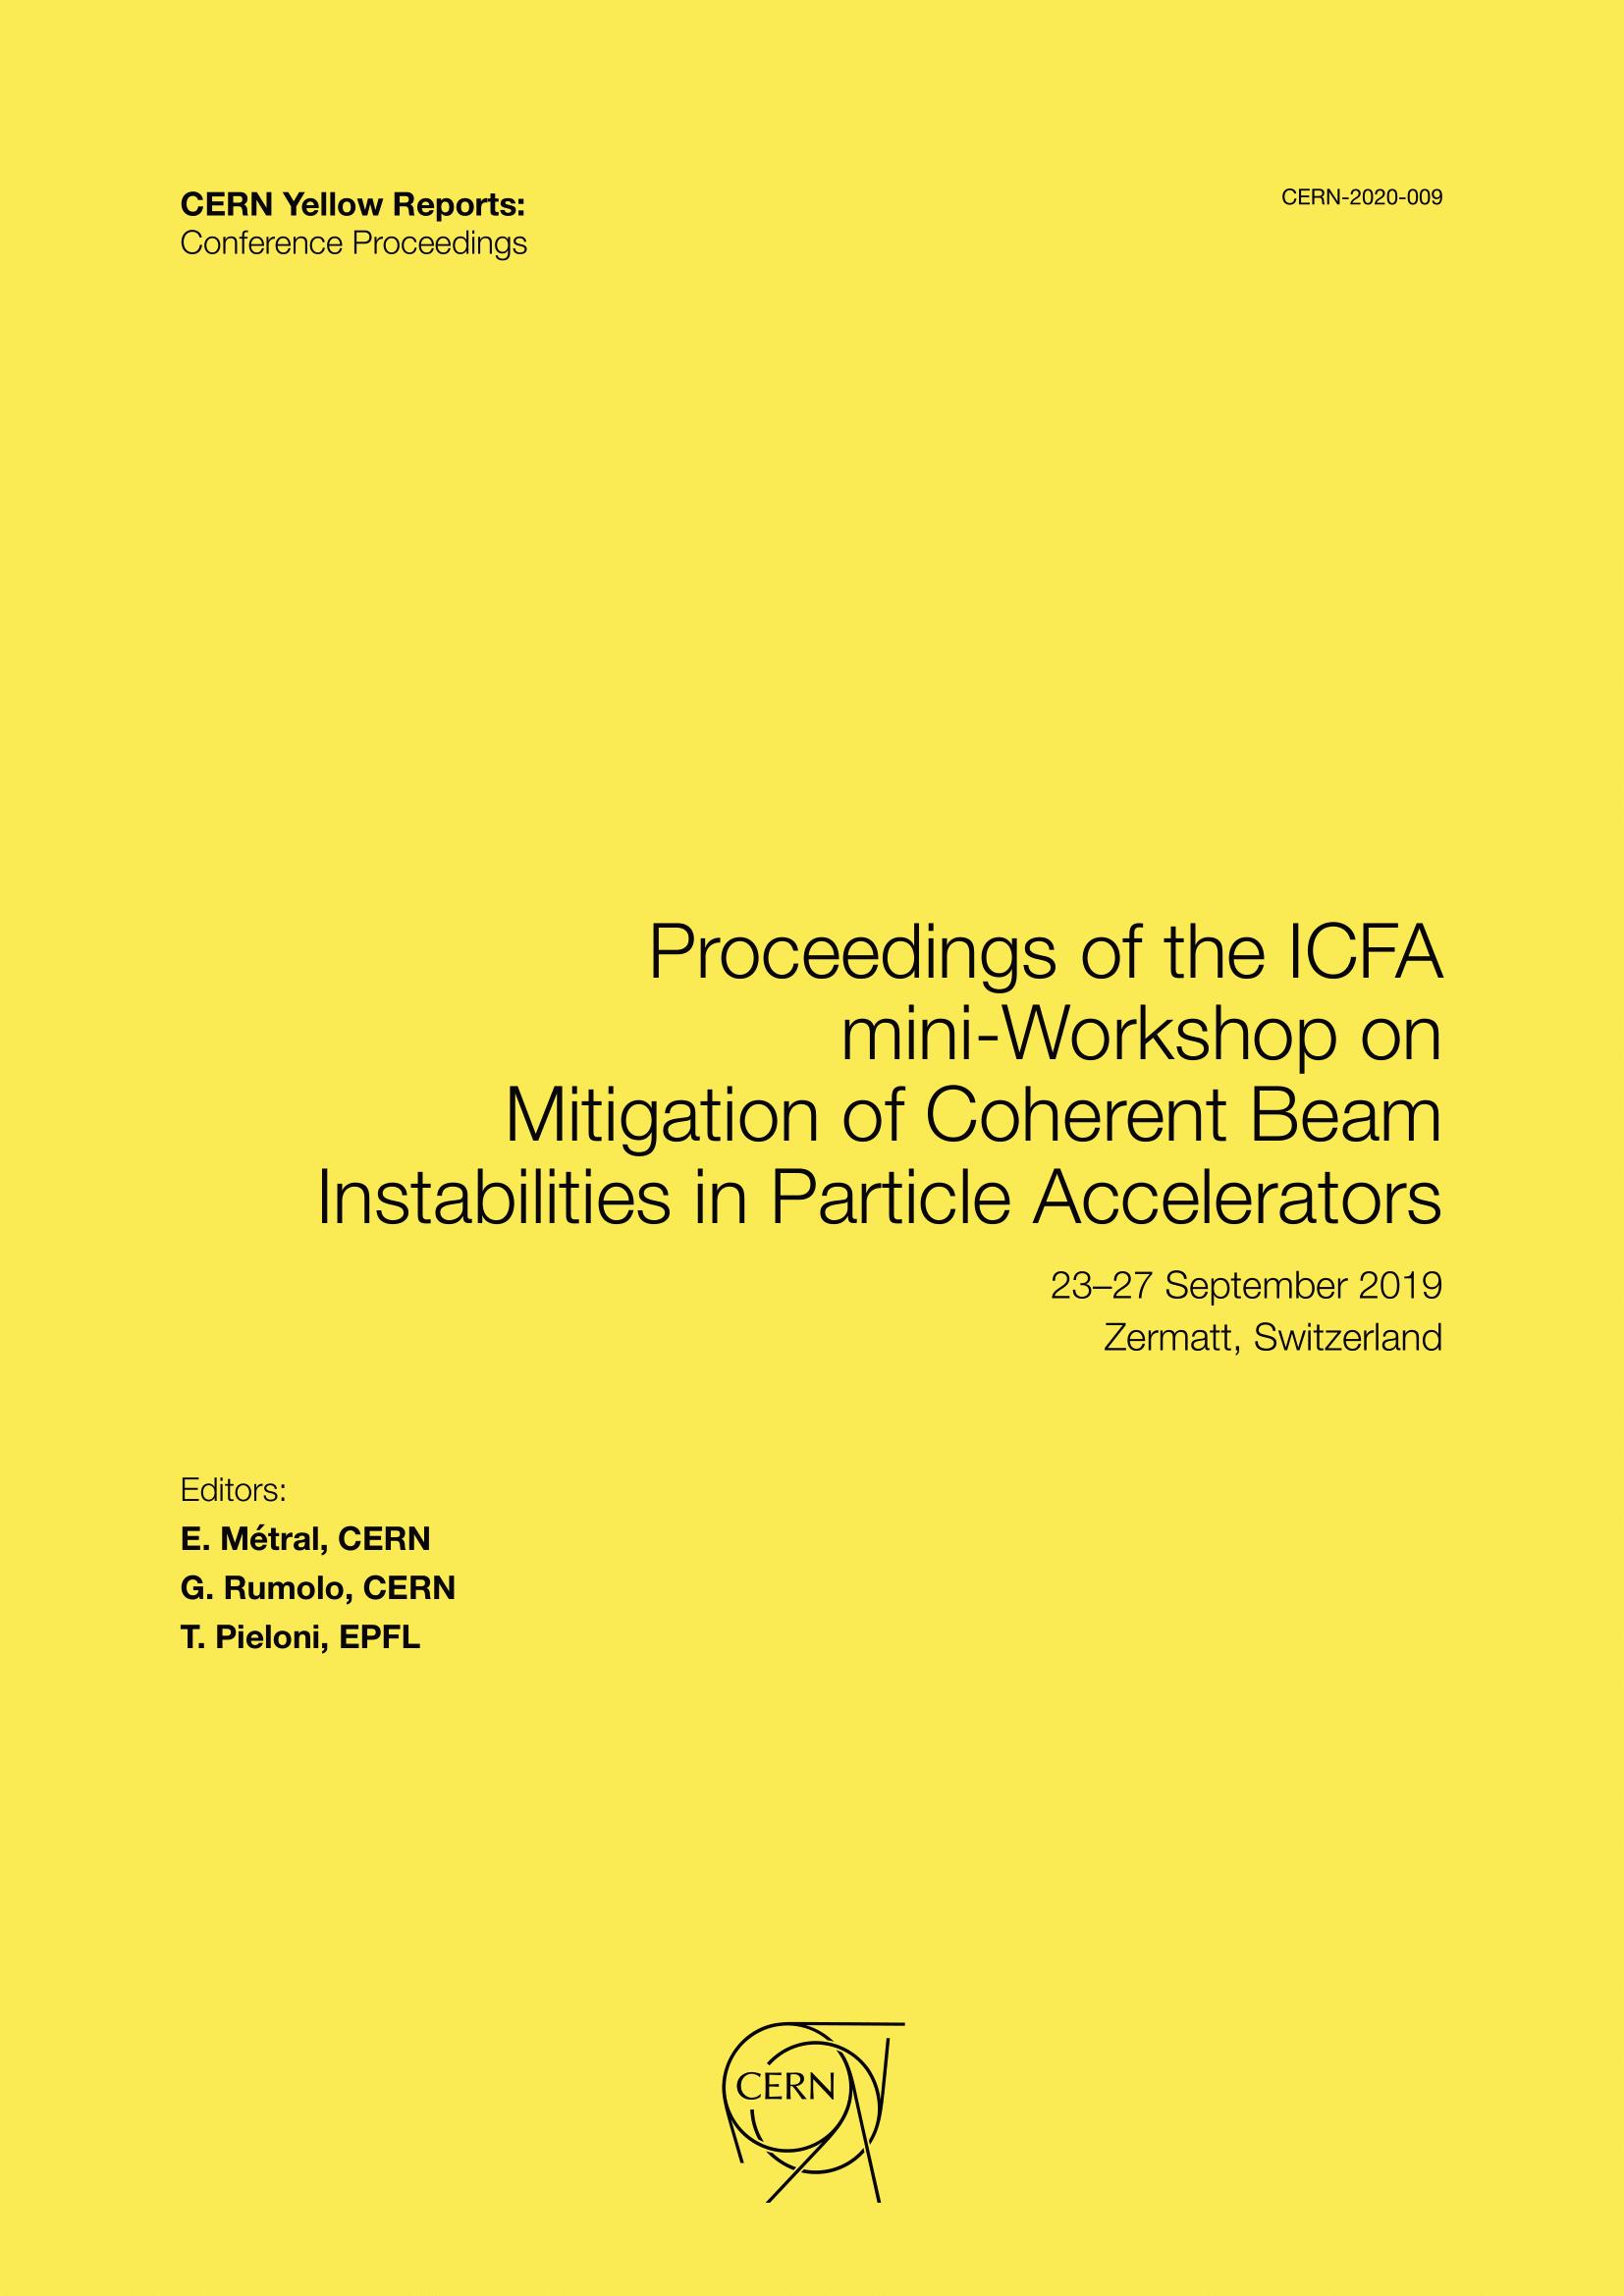 View Vol. 9 (2020): Proceedings of the ICFA mini-Workshop on Mitigation of Coherent Beam Instabilities in Particle Accelerators, Zermatt, Switzerland, 23–27 September 2019